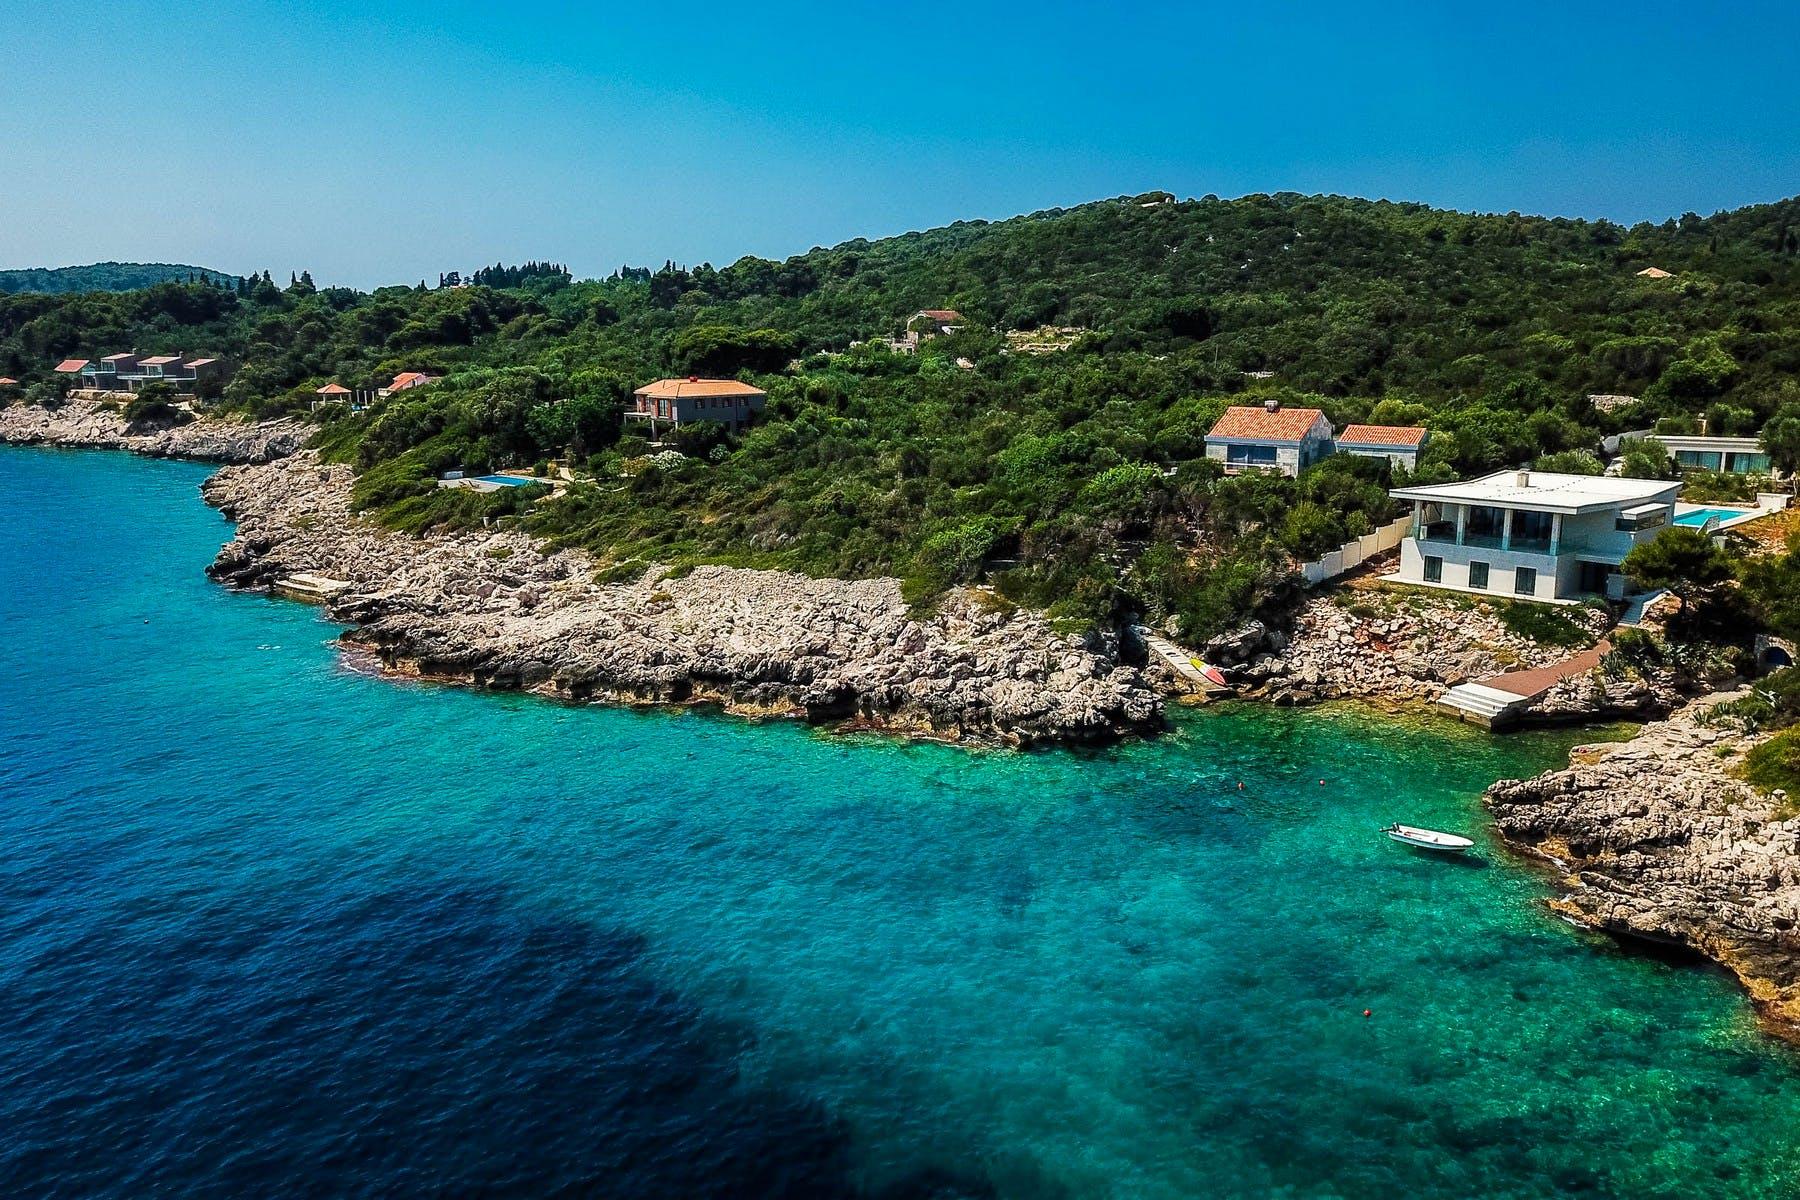 Prodaje se novoizgrađena moderna vila uz more u blizini Dubrovnika